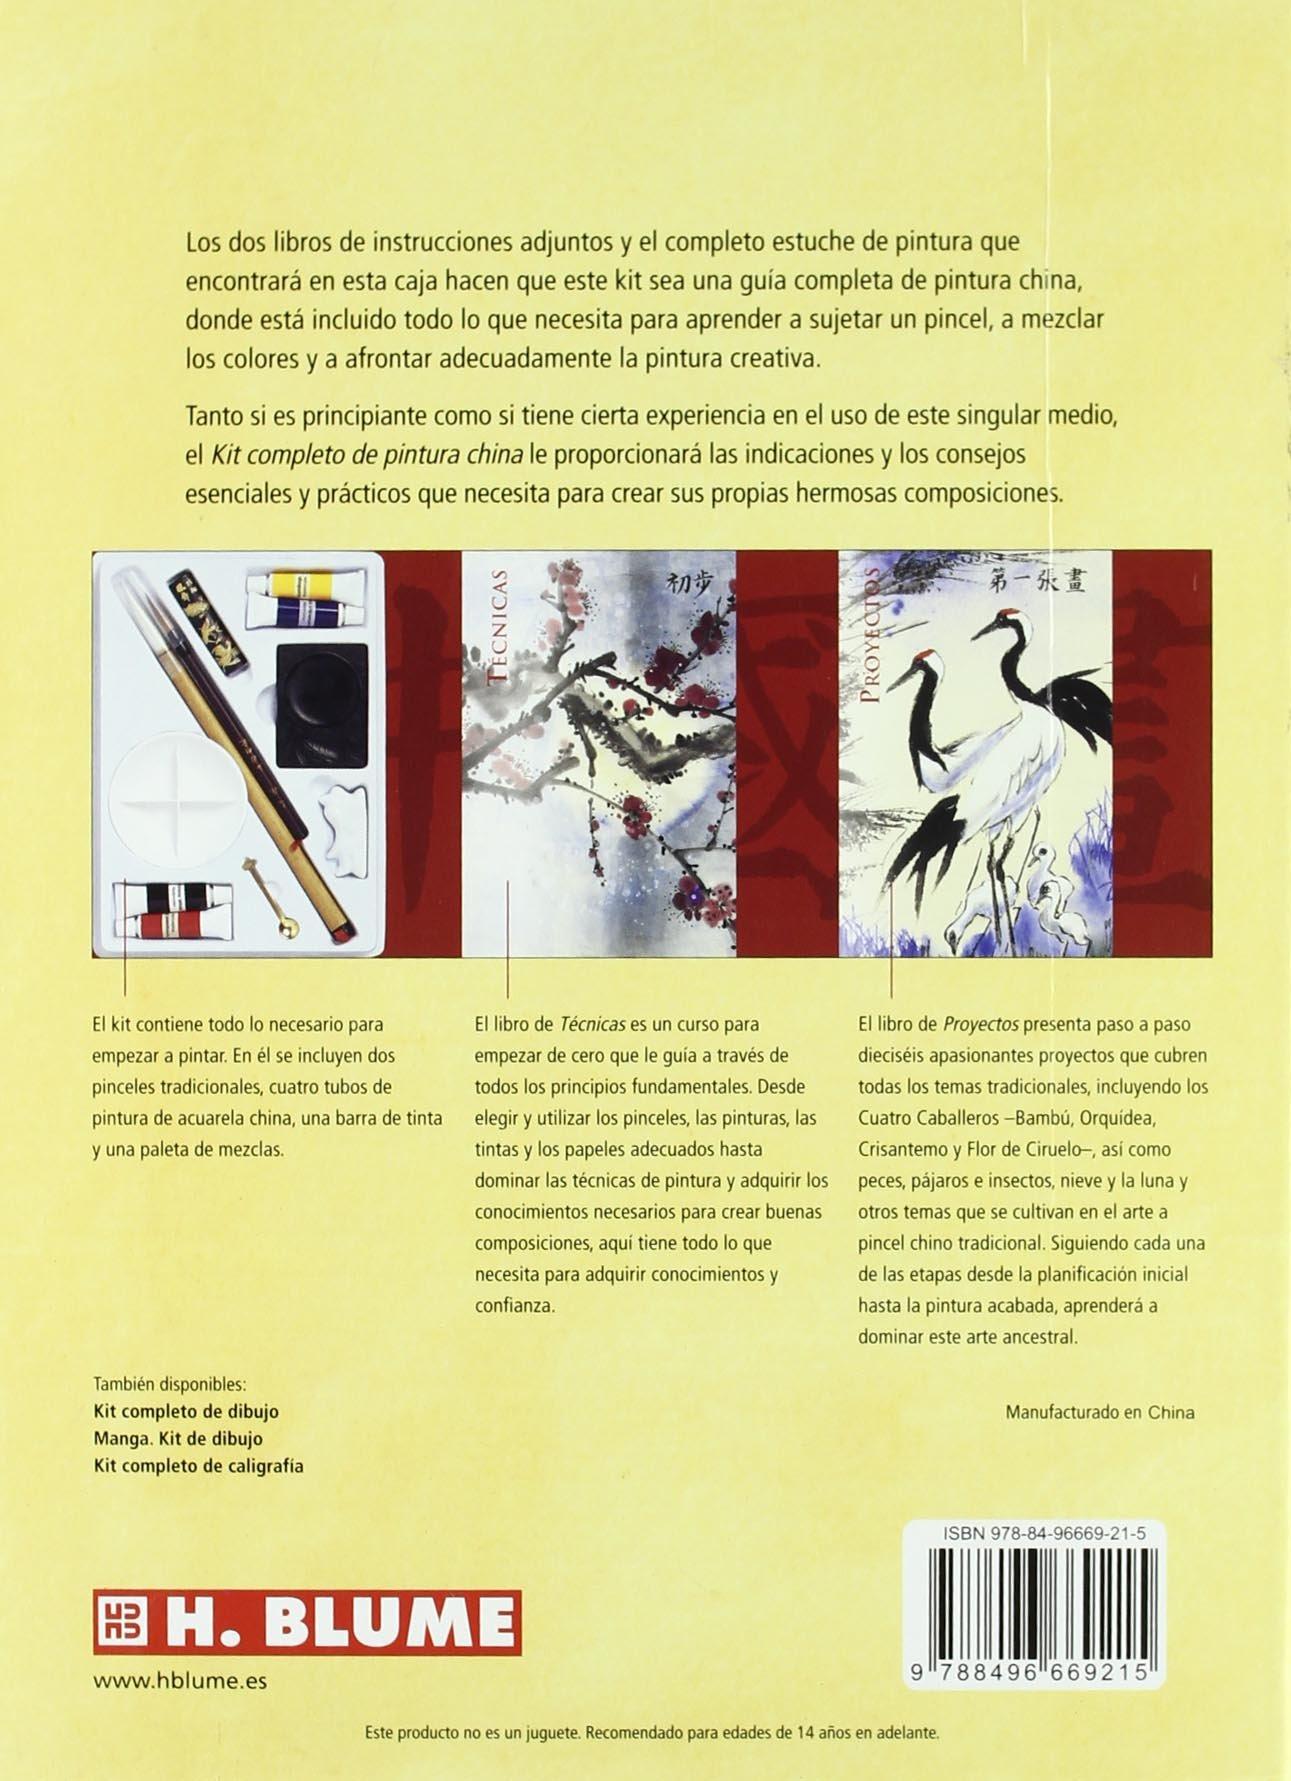 Kit completo de pintura china/ Complete Kit of Chinese Painting: Tecnicas, Herramientas Y Proyectos Para Dominar El Arte De La Caligrafia/ Skills, ...